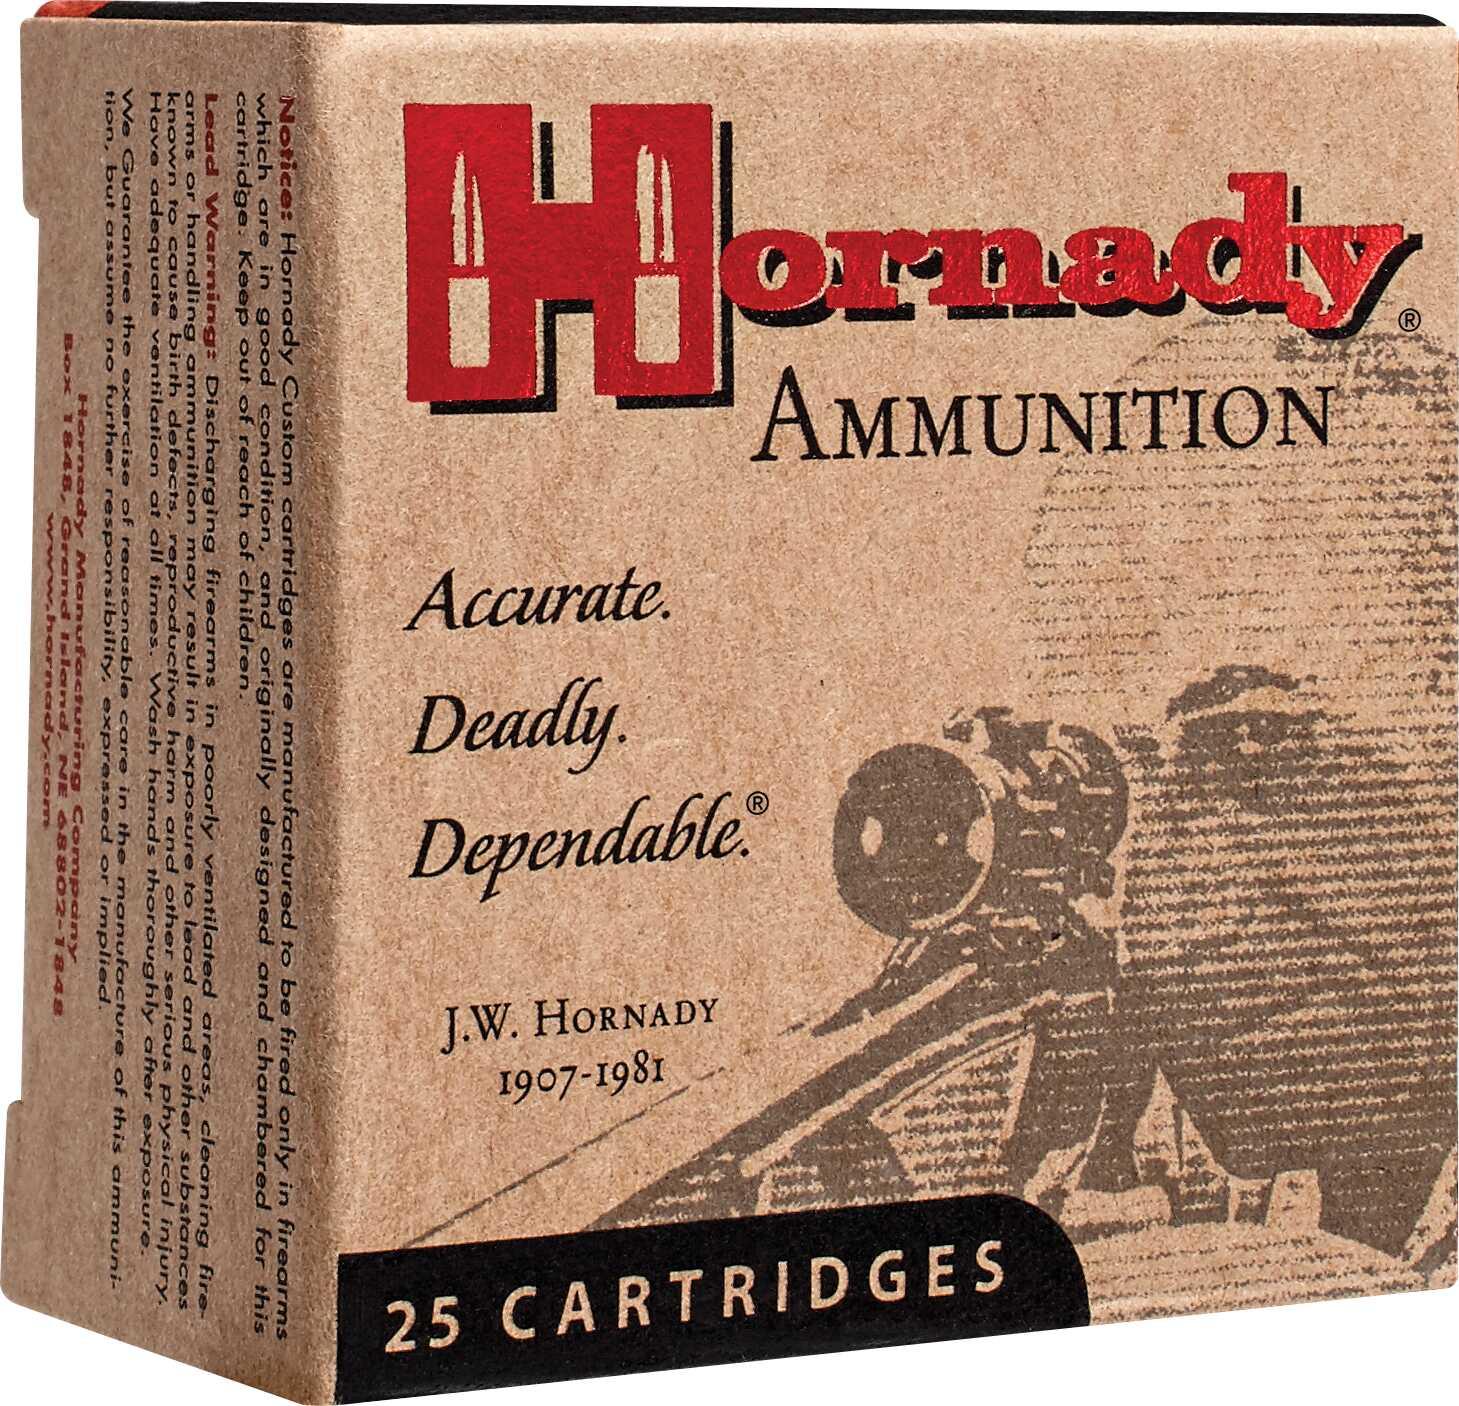 44-40 Hornady 205 Grain Cowboy Ammunition Per 20 Md: 9075